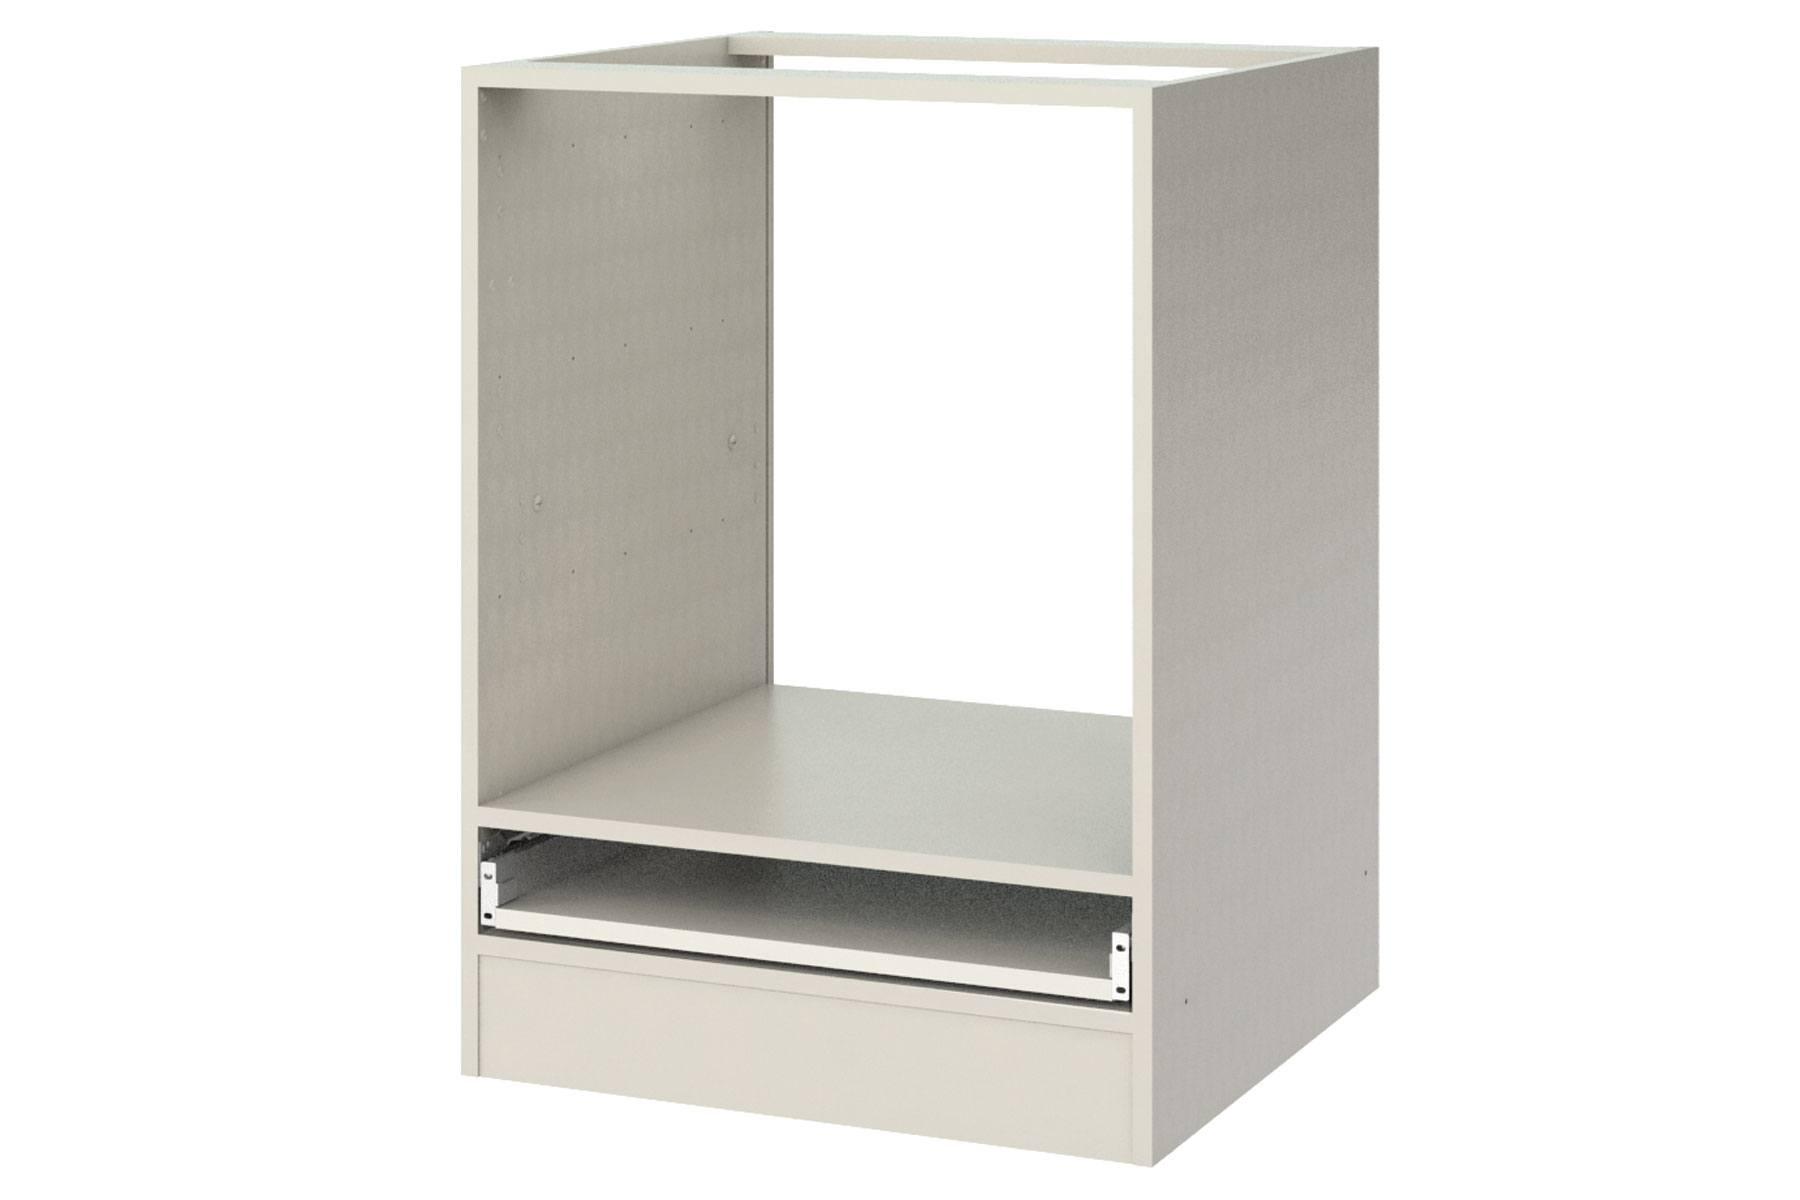 Фото - Тумба напольная под духовку (ТД-60) дверь для шкафа прованс под духовку 60 см лдсп цвет коричневый